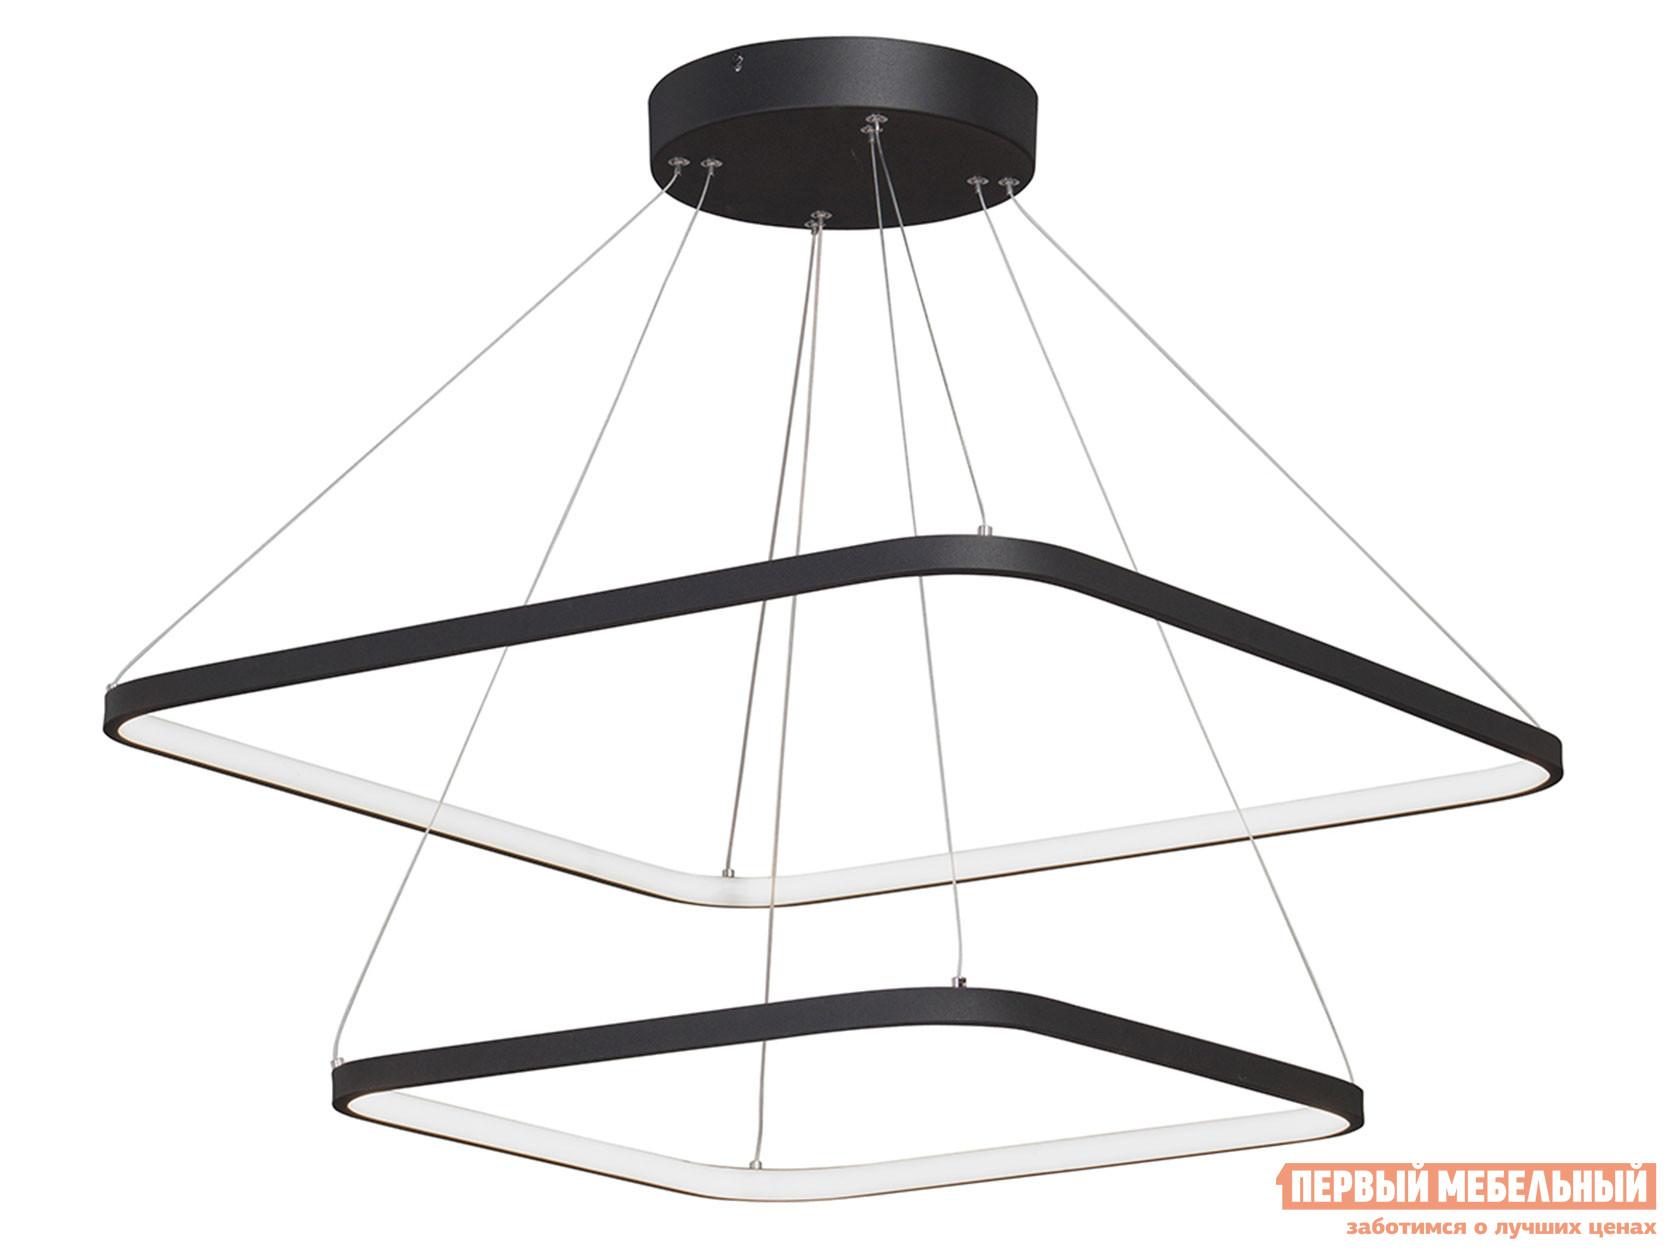 Фото - Подвесной светильник КСК-электро Светодиодный светильник V4617-1/2S, LED 91Вт, 3900-4200K подвесной светильник кск электро светодиодный светильник v4617 1 2s led 91вт 3900 4200k